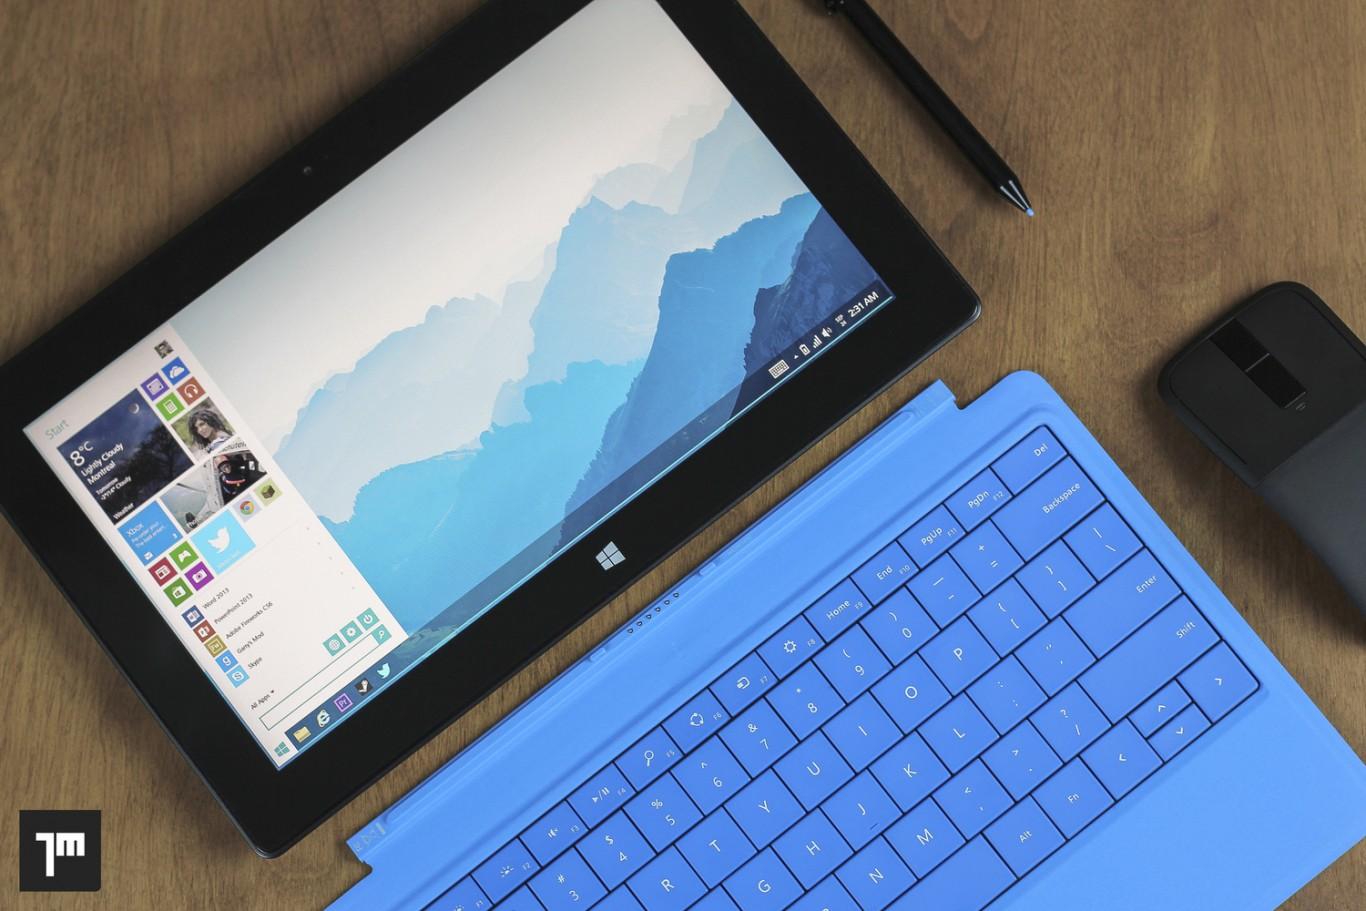 20-jarige verbetert het Windows 8-design van Microsoft